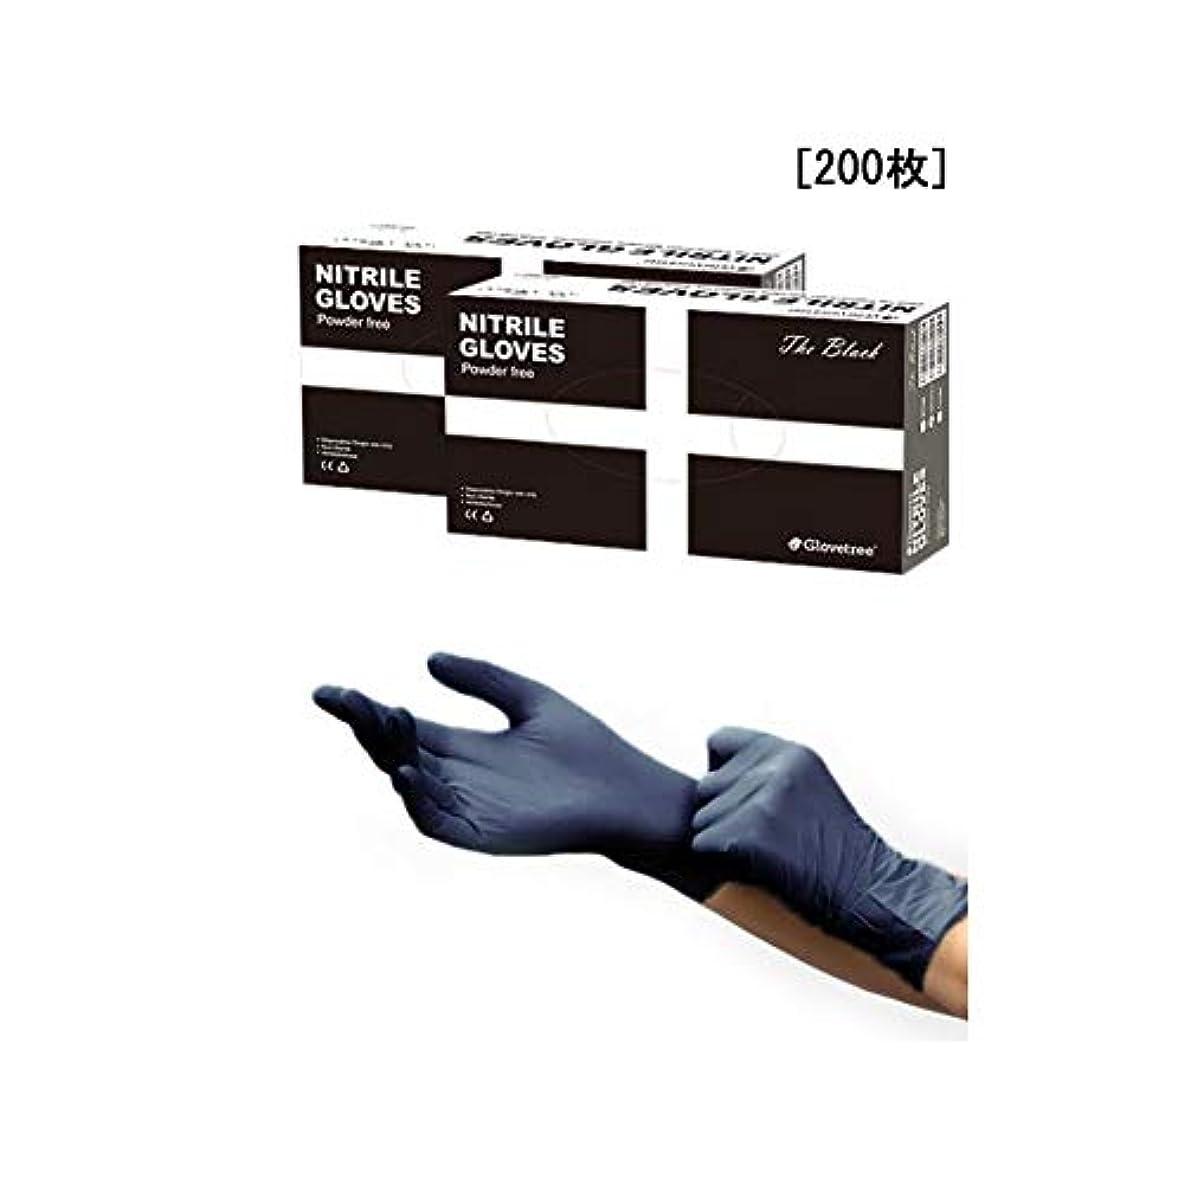 今後言い聞かせる窒素(Glove Tree)最高品質 無粉末 ニトリル手袋 パウダーフリー The Black 200枚(5g Nitrile、Mサイズ基準, Powder Free)【海外配送商品】【並行輸入品】 (L)